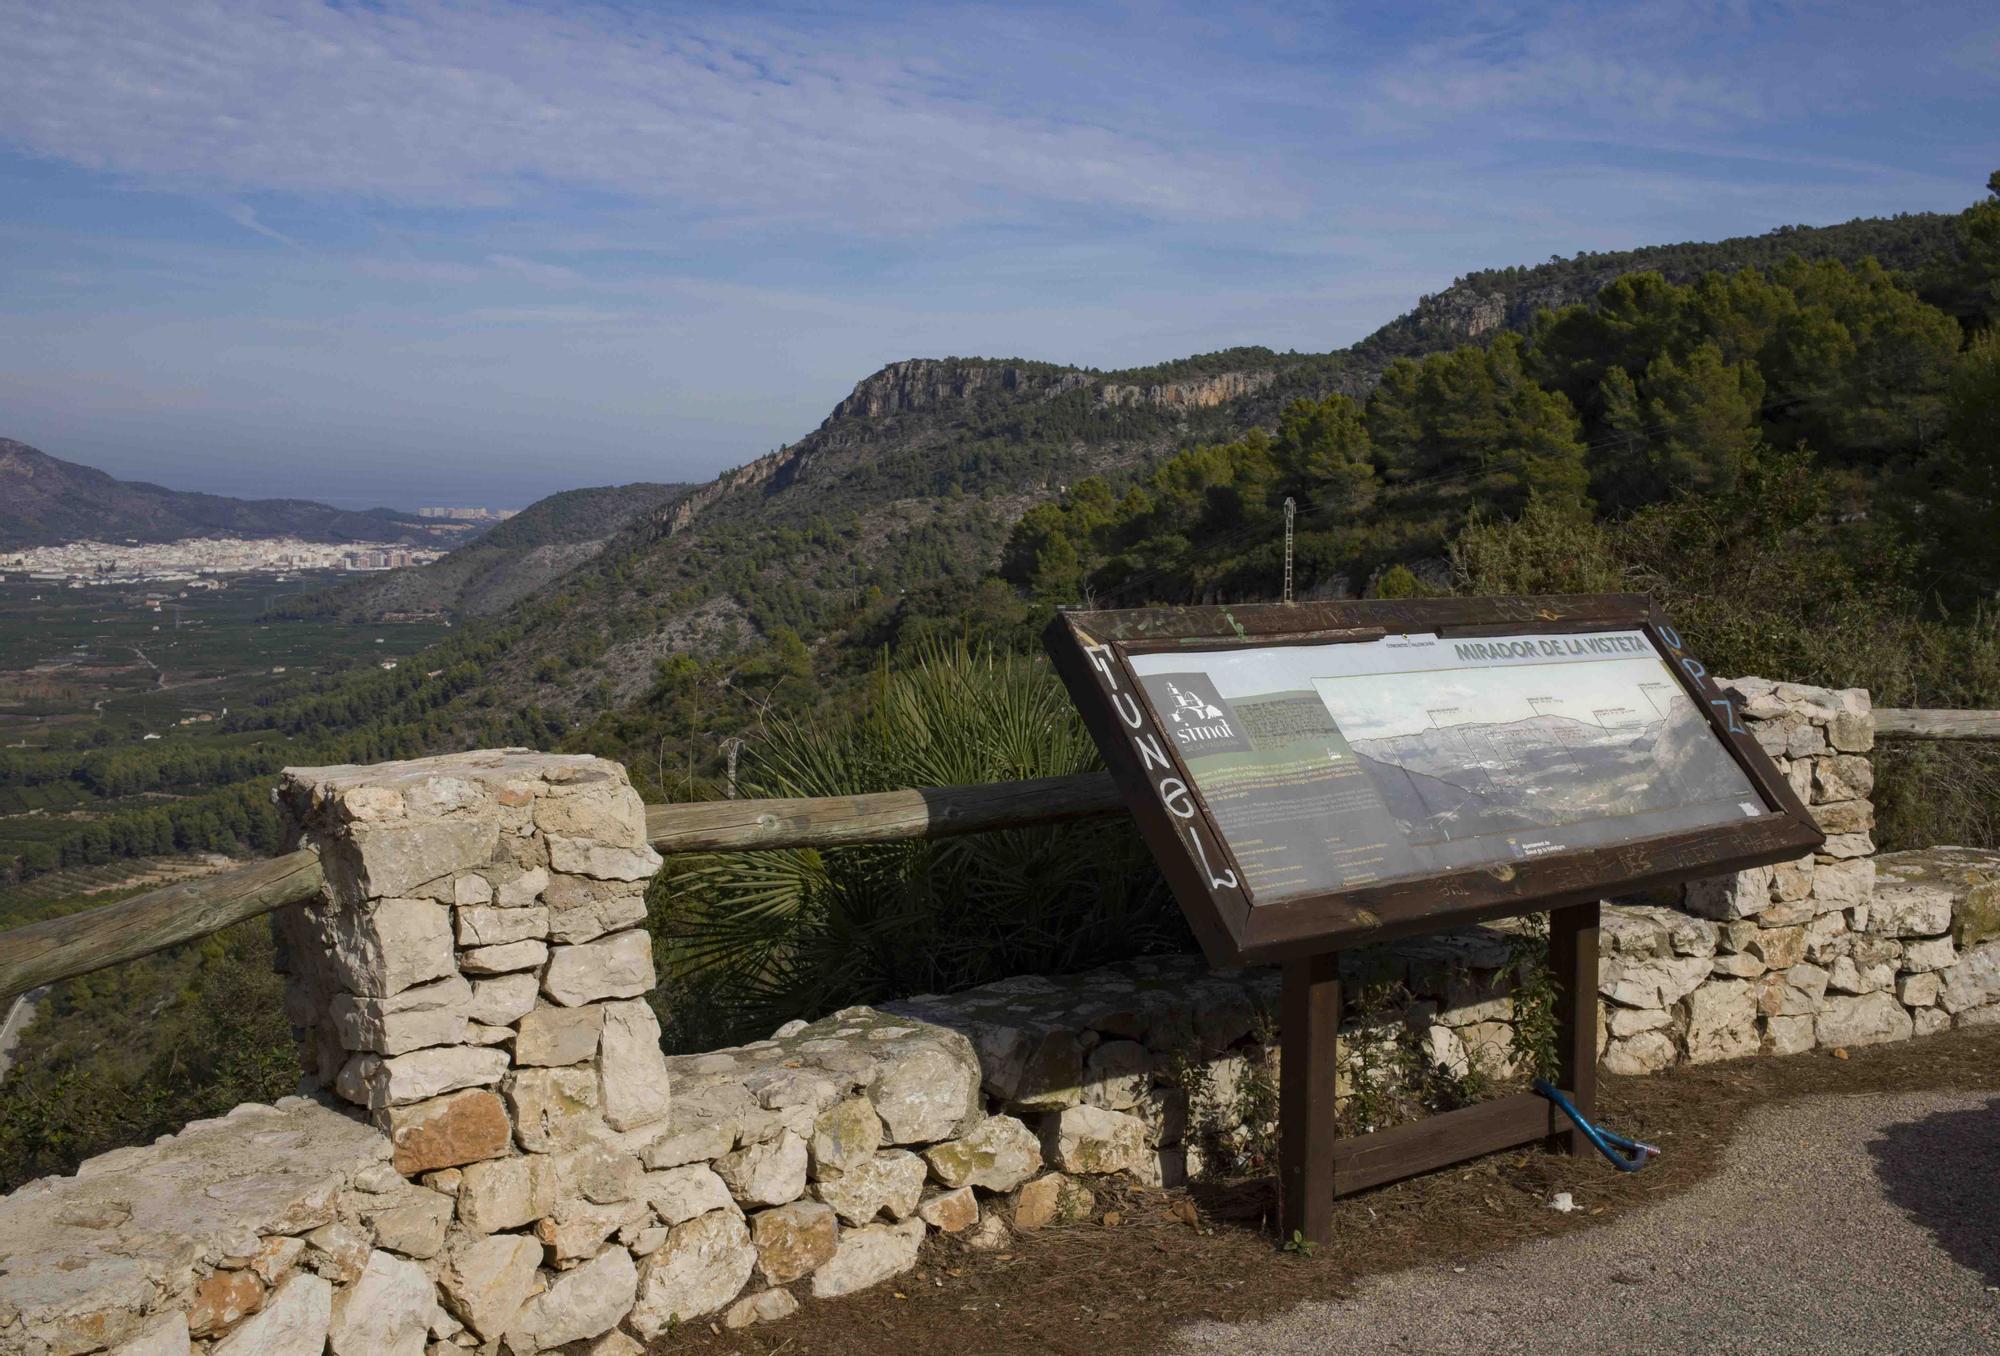 Simat de la Valldigna-mirador la visteta20201112_0210.jpg